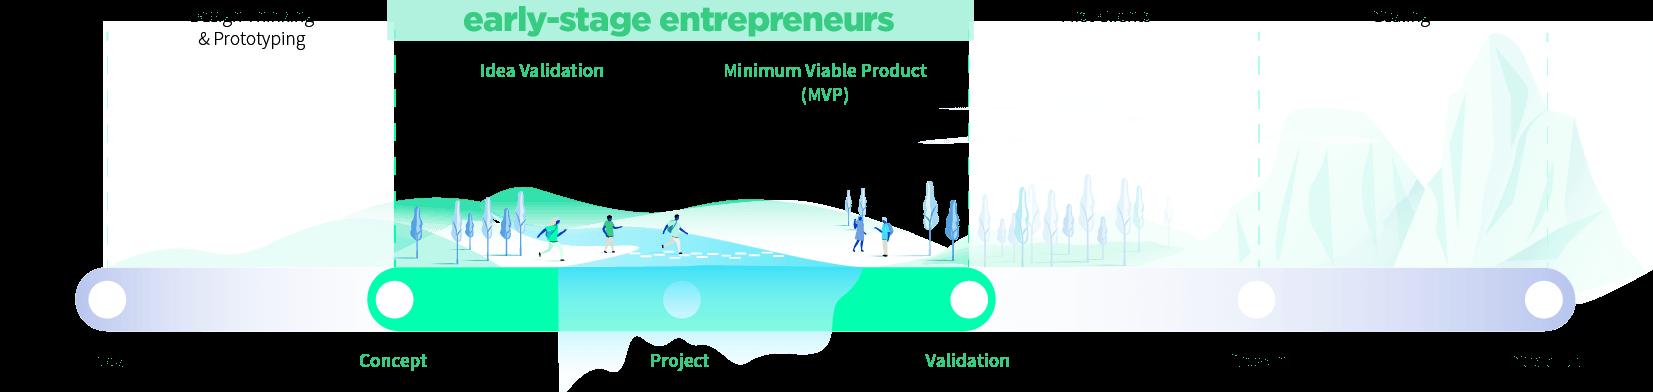 Entrepreneur's journey line